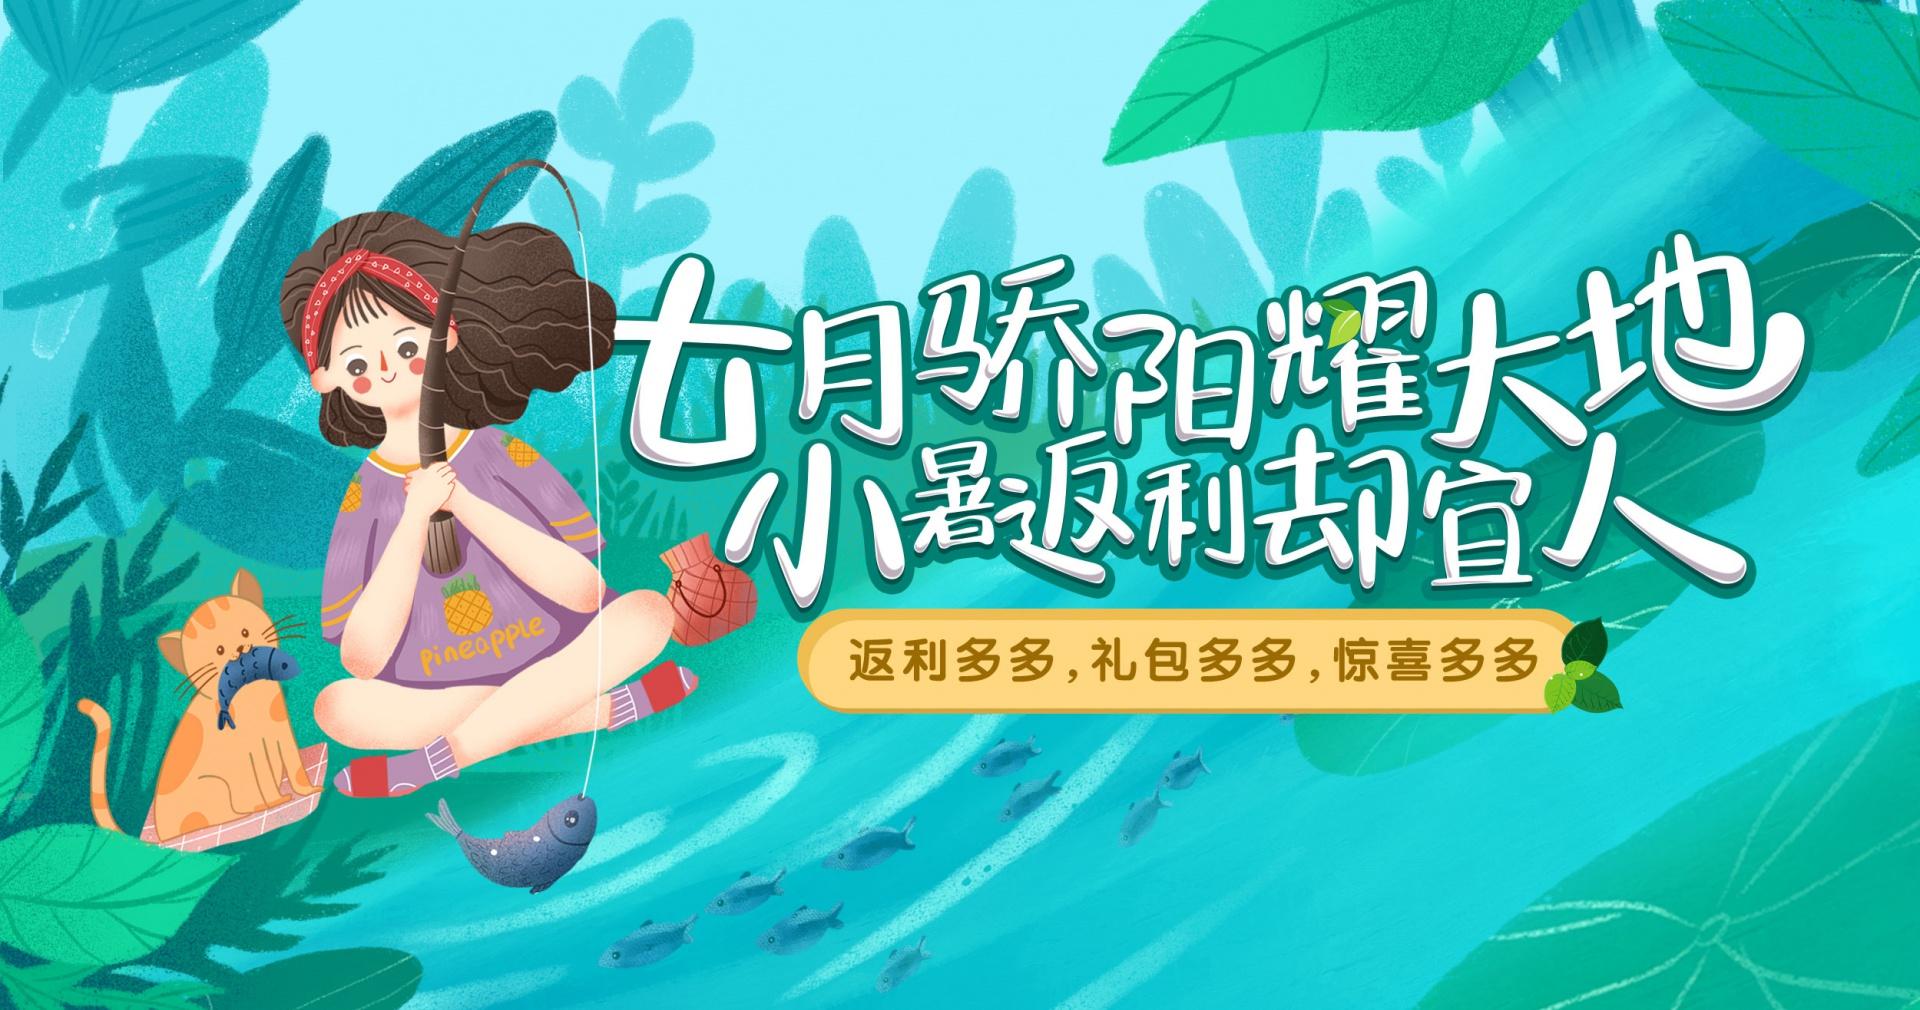 3733游戲『周末超級福利活動匯總版』(活動時間7月5日~7月10日)